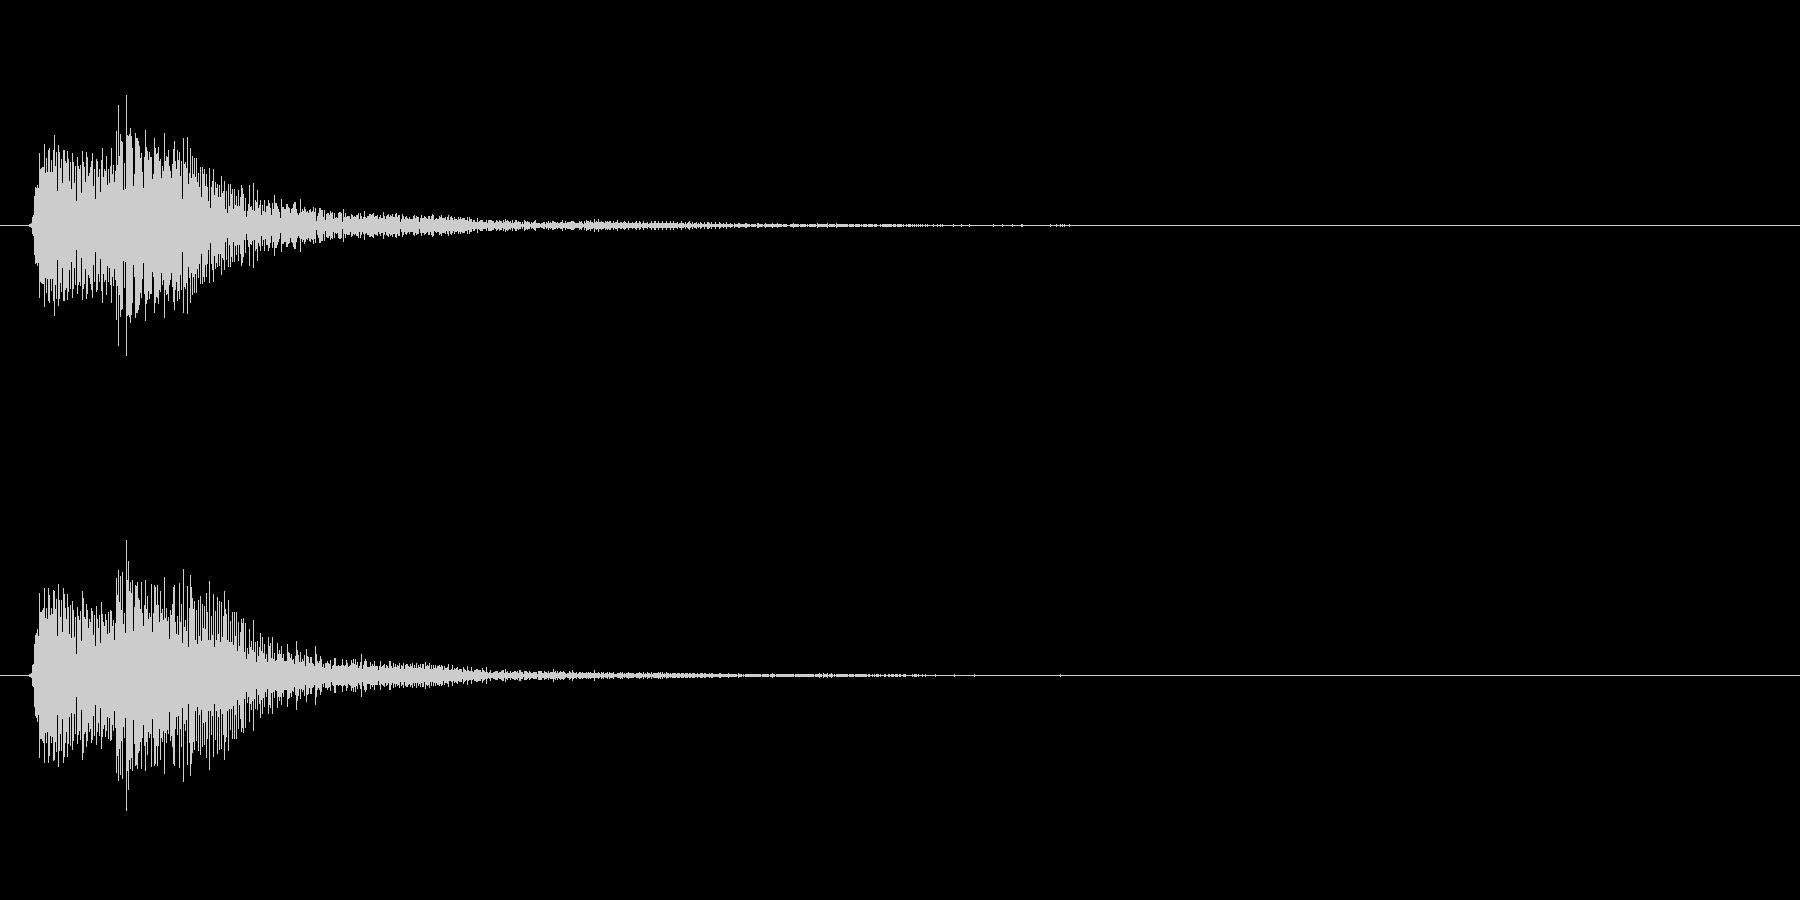 アプリ・ゲームの決定音_005の未再生の波形